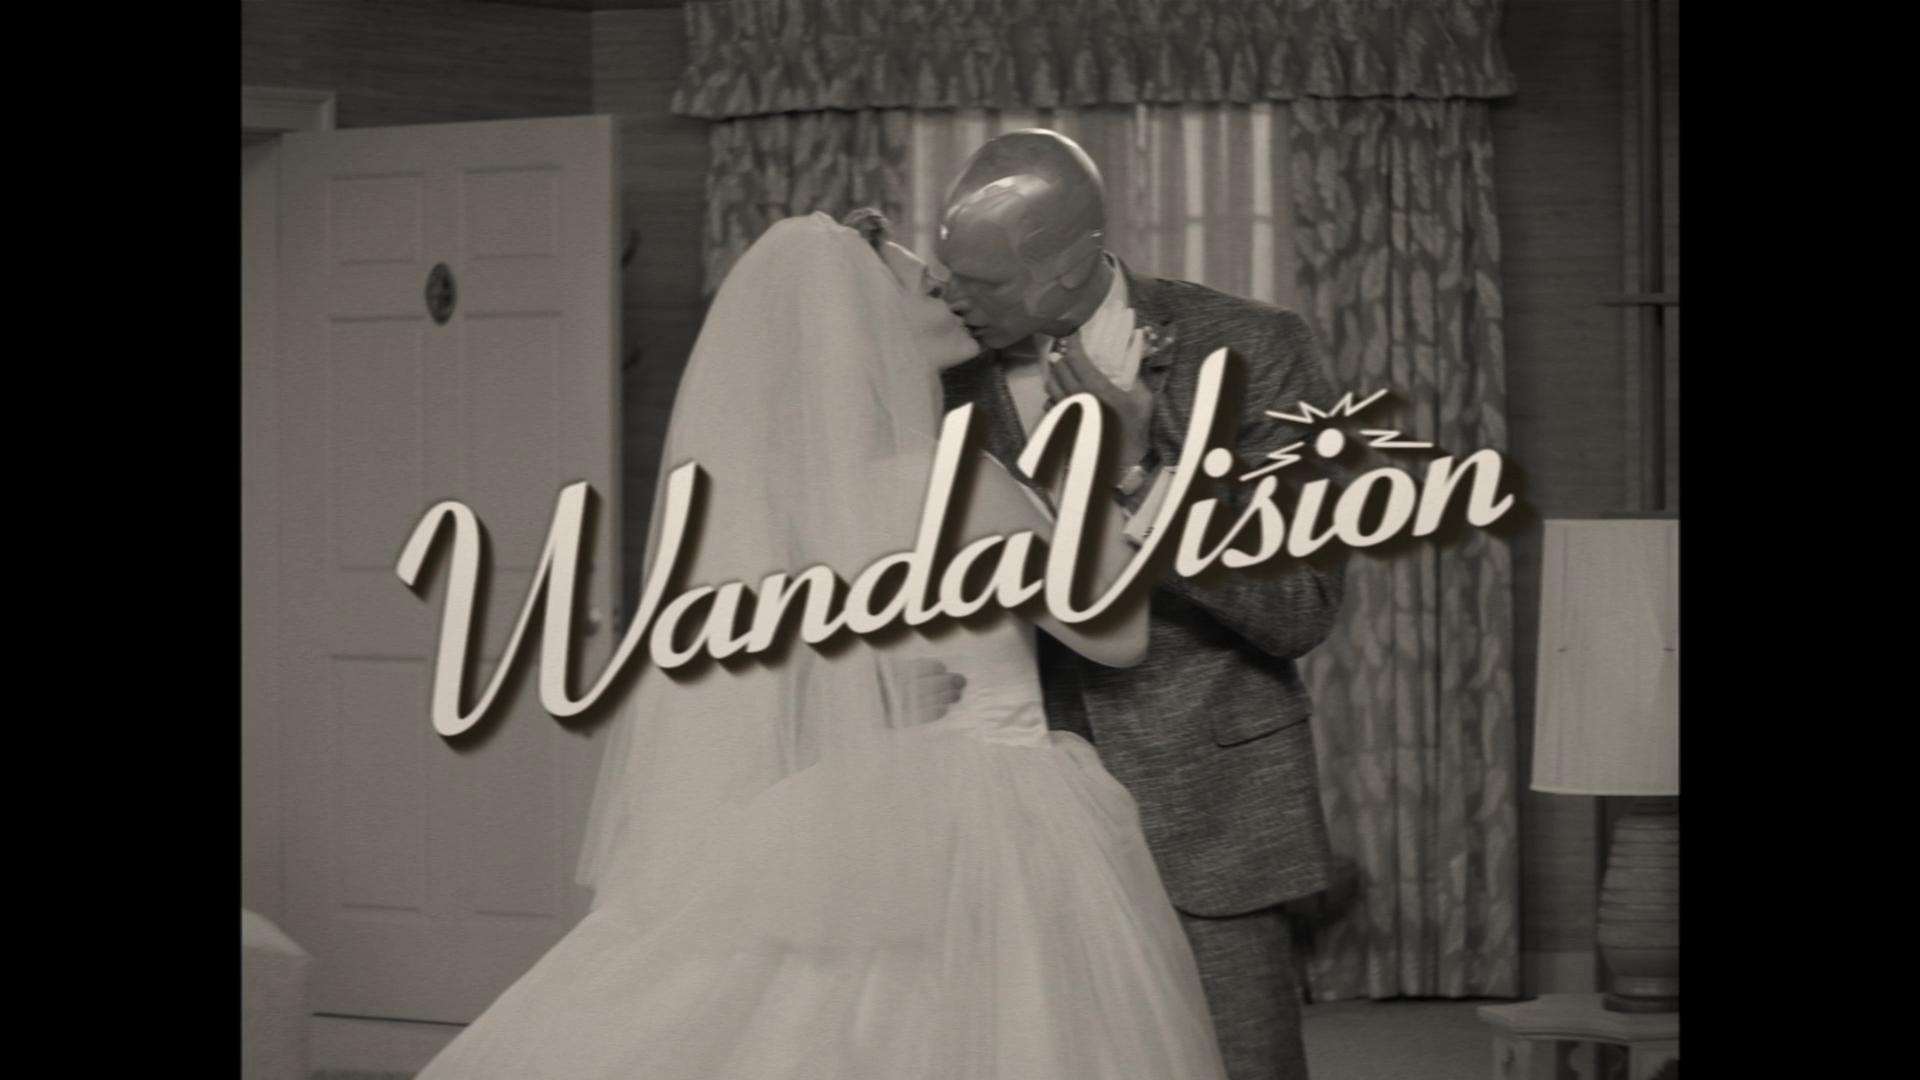 WandaVision (2021) 1080p WEB-DL Latino